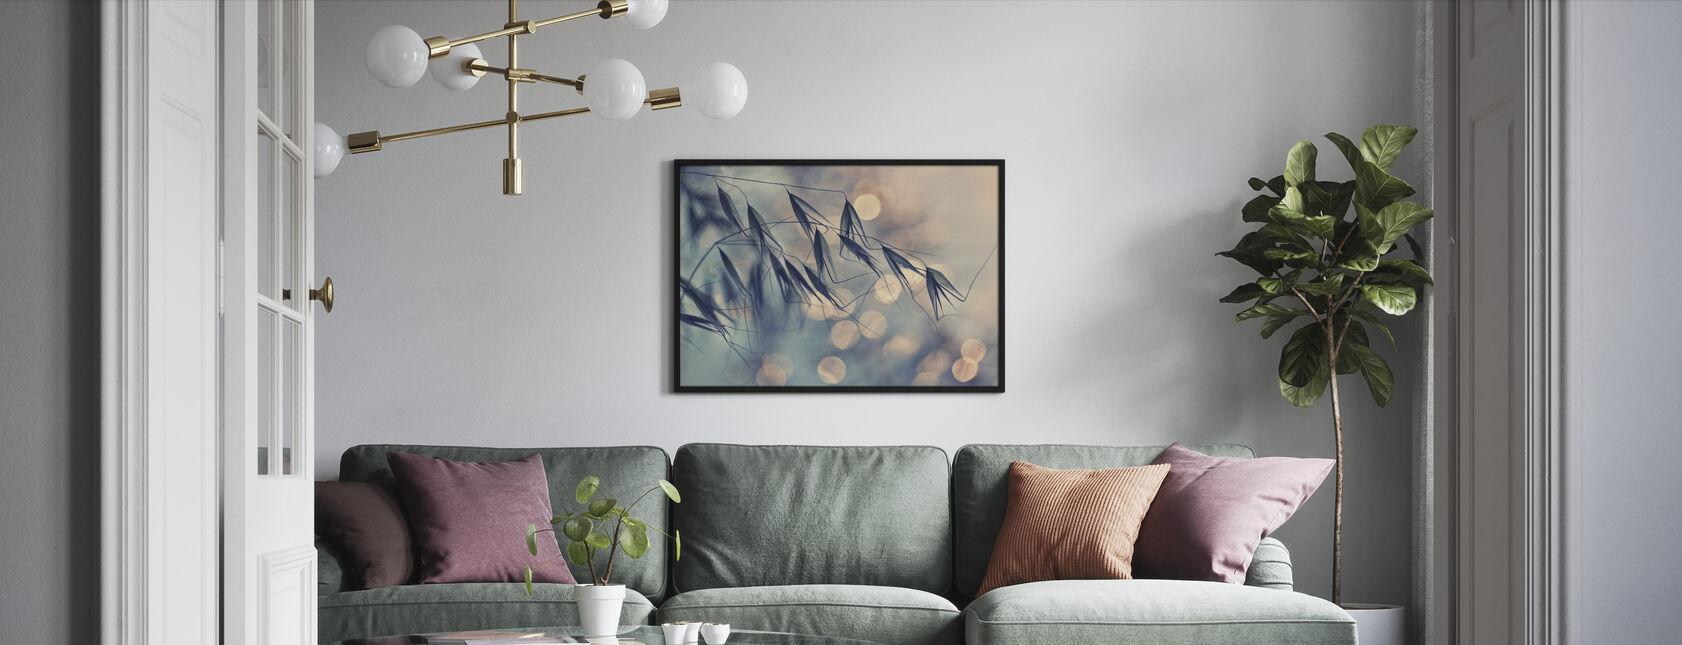 Lässt Licht - Gerahmtes bild - Wohnzimmer